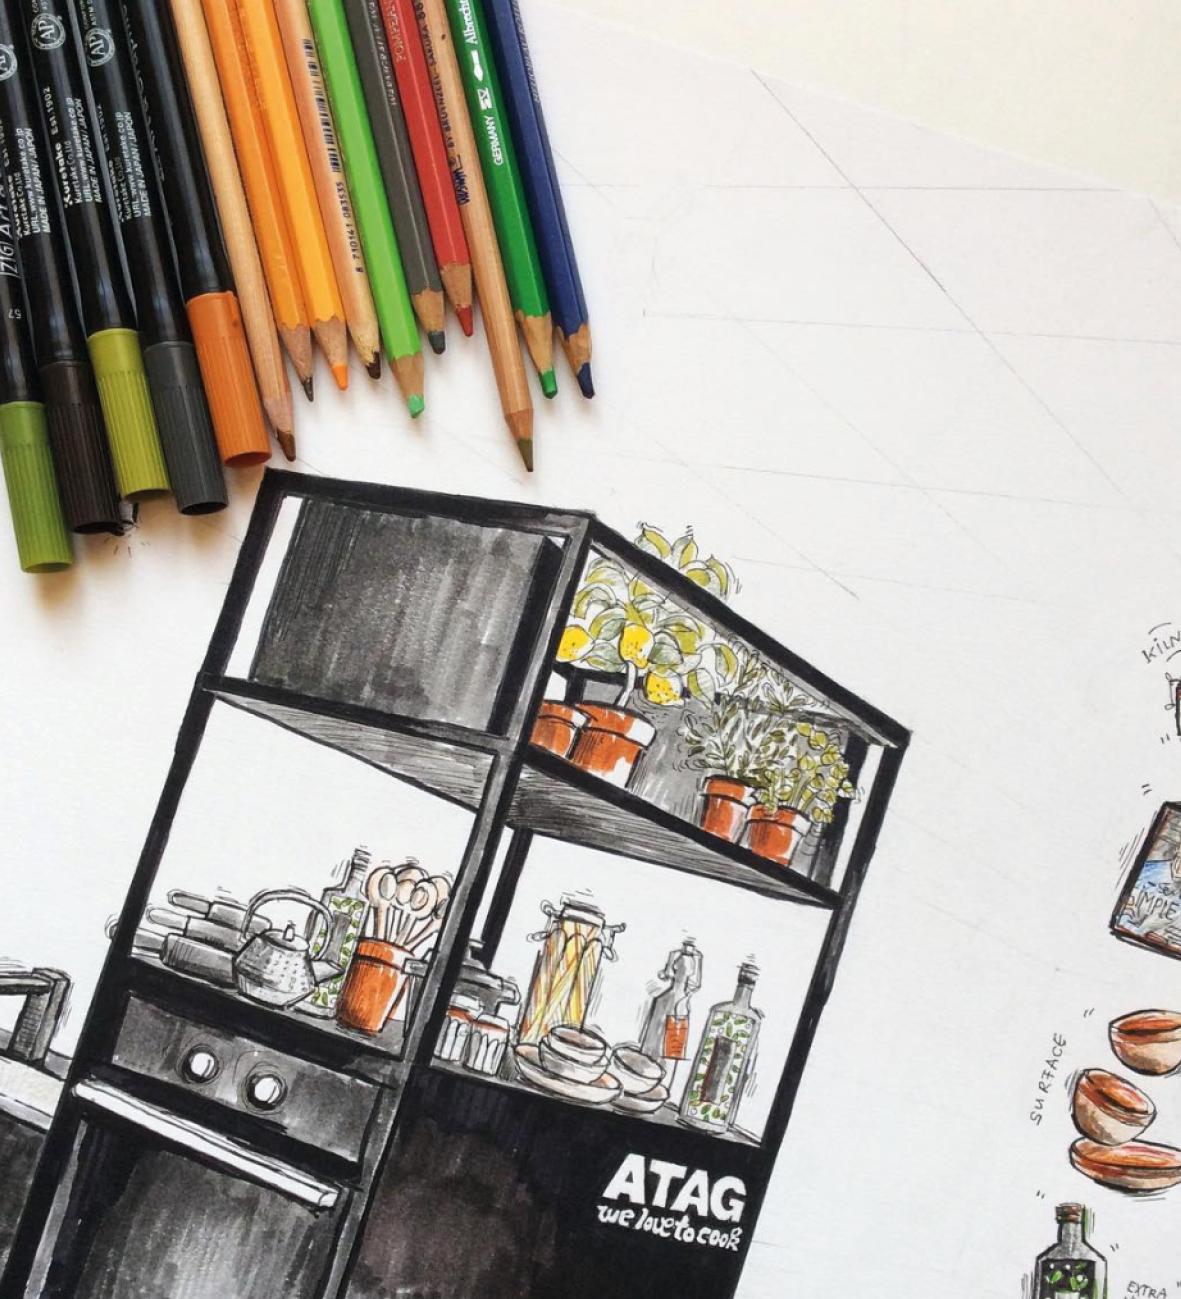 Atag kitchen illustration